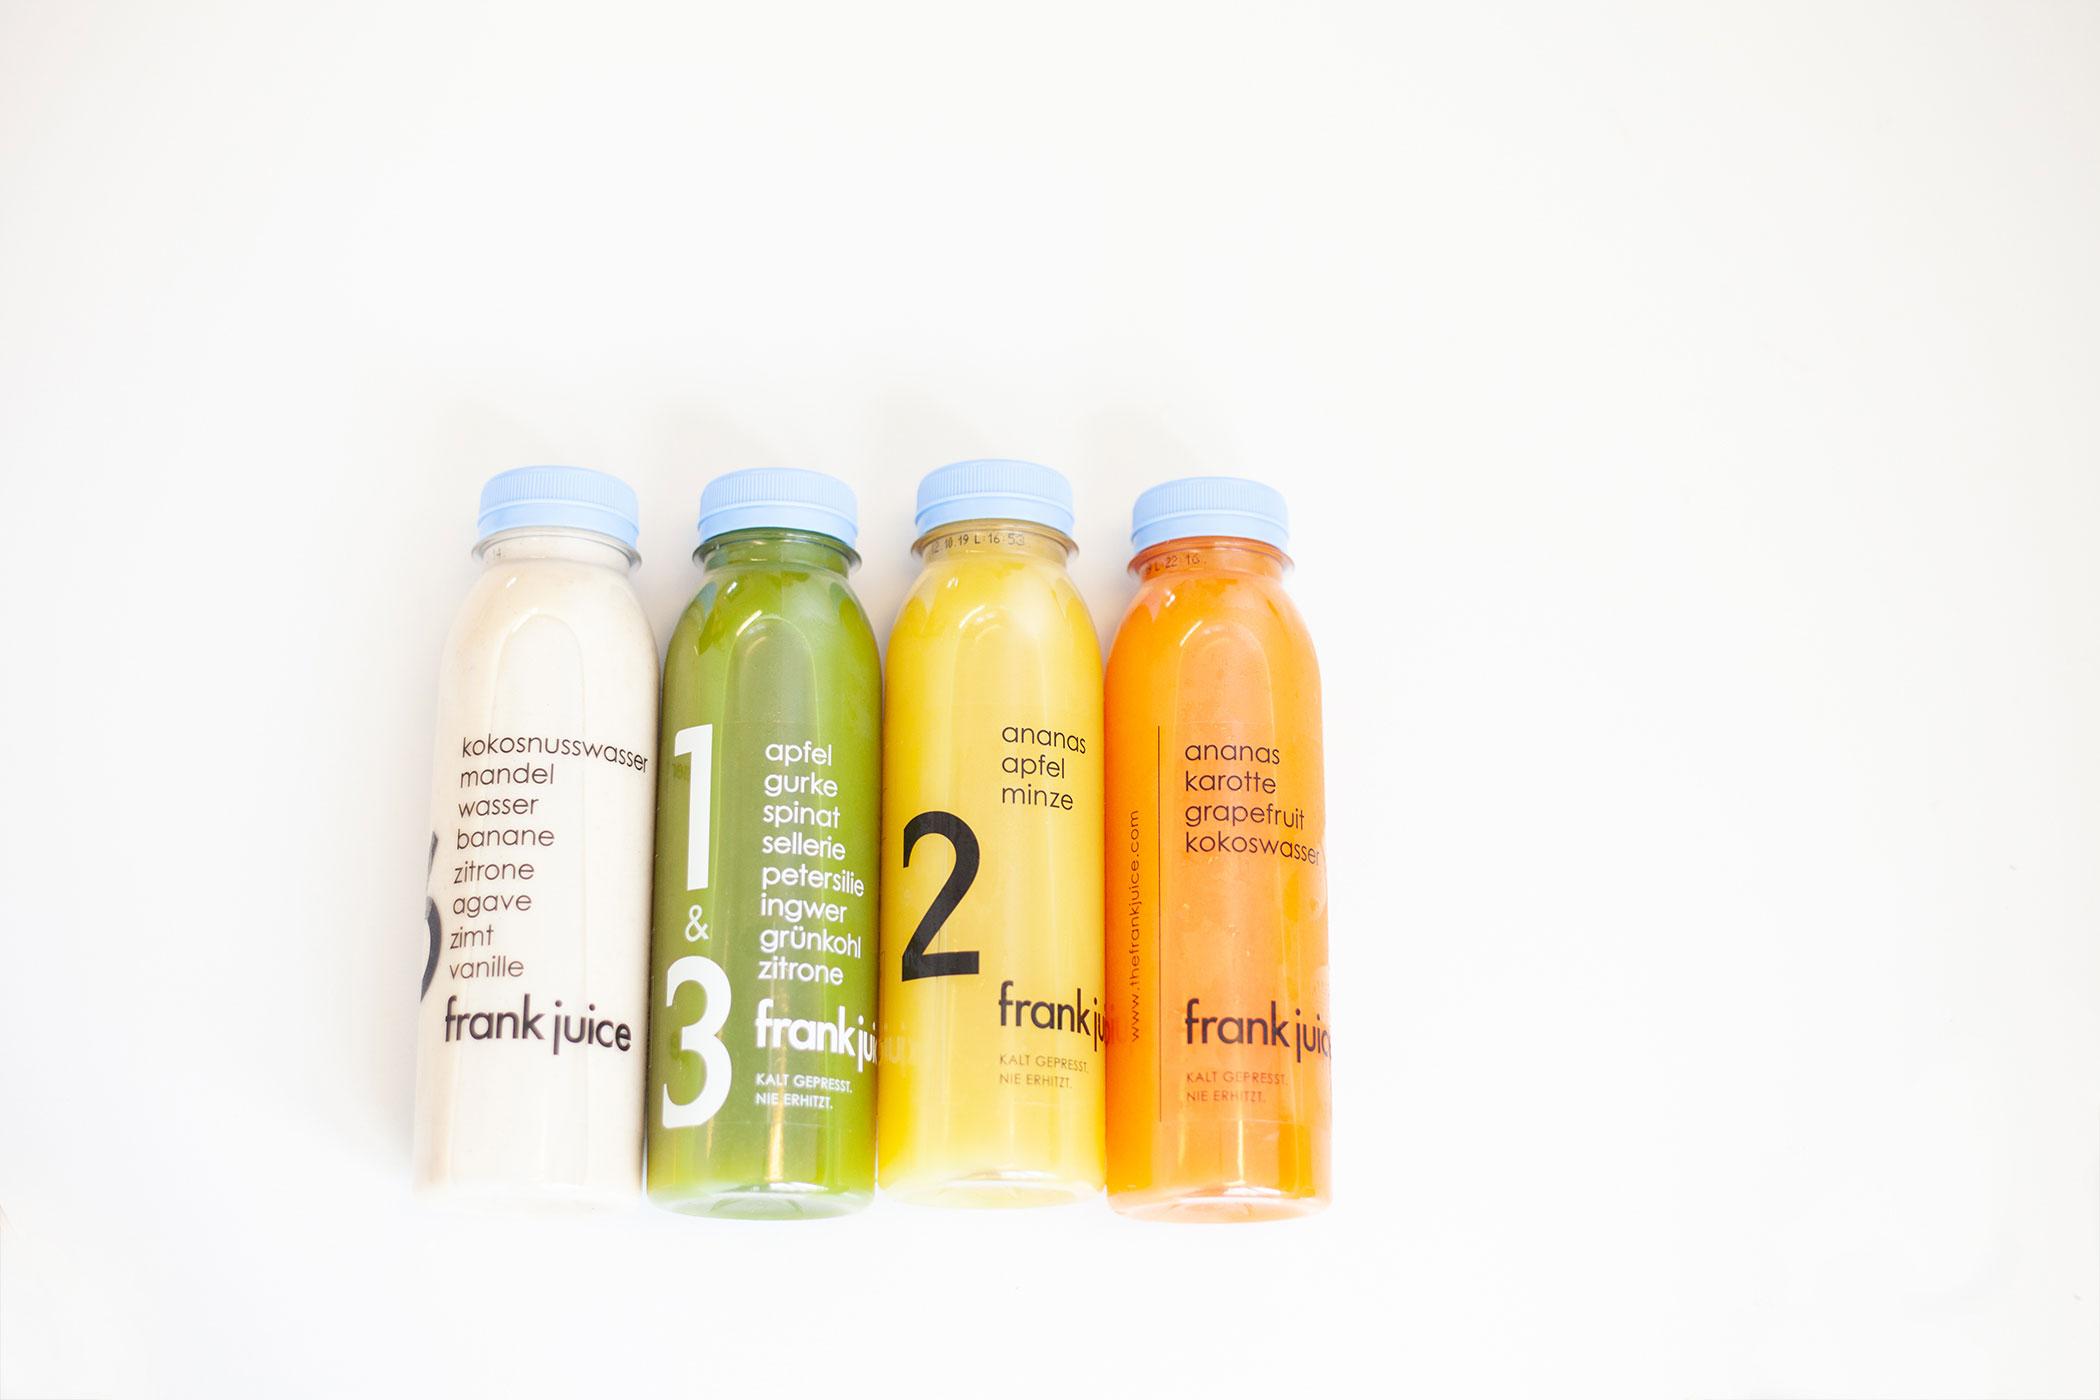 homtastics-Frank-Juice-Saefte